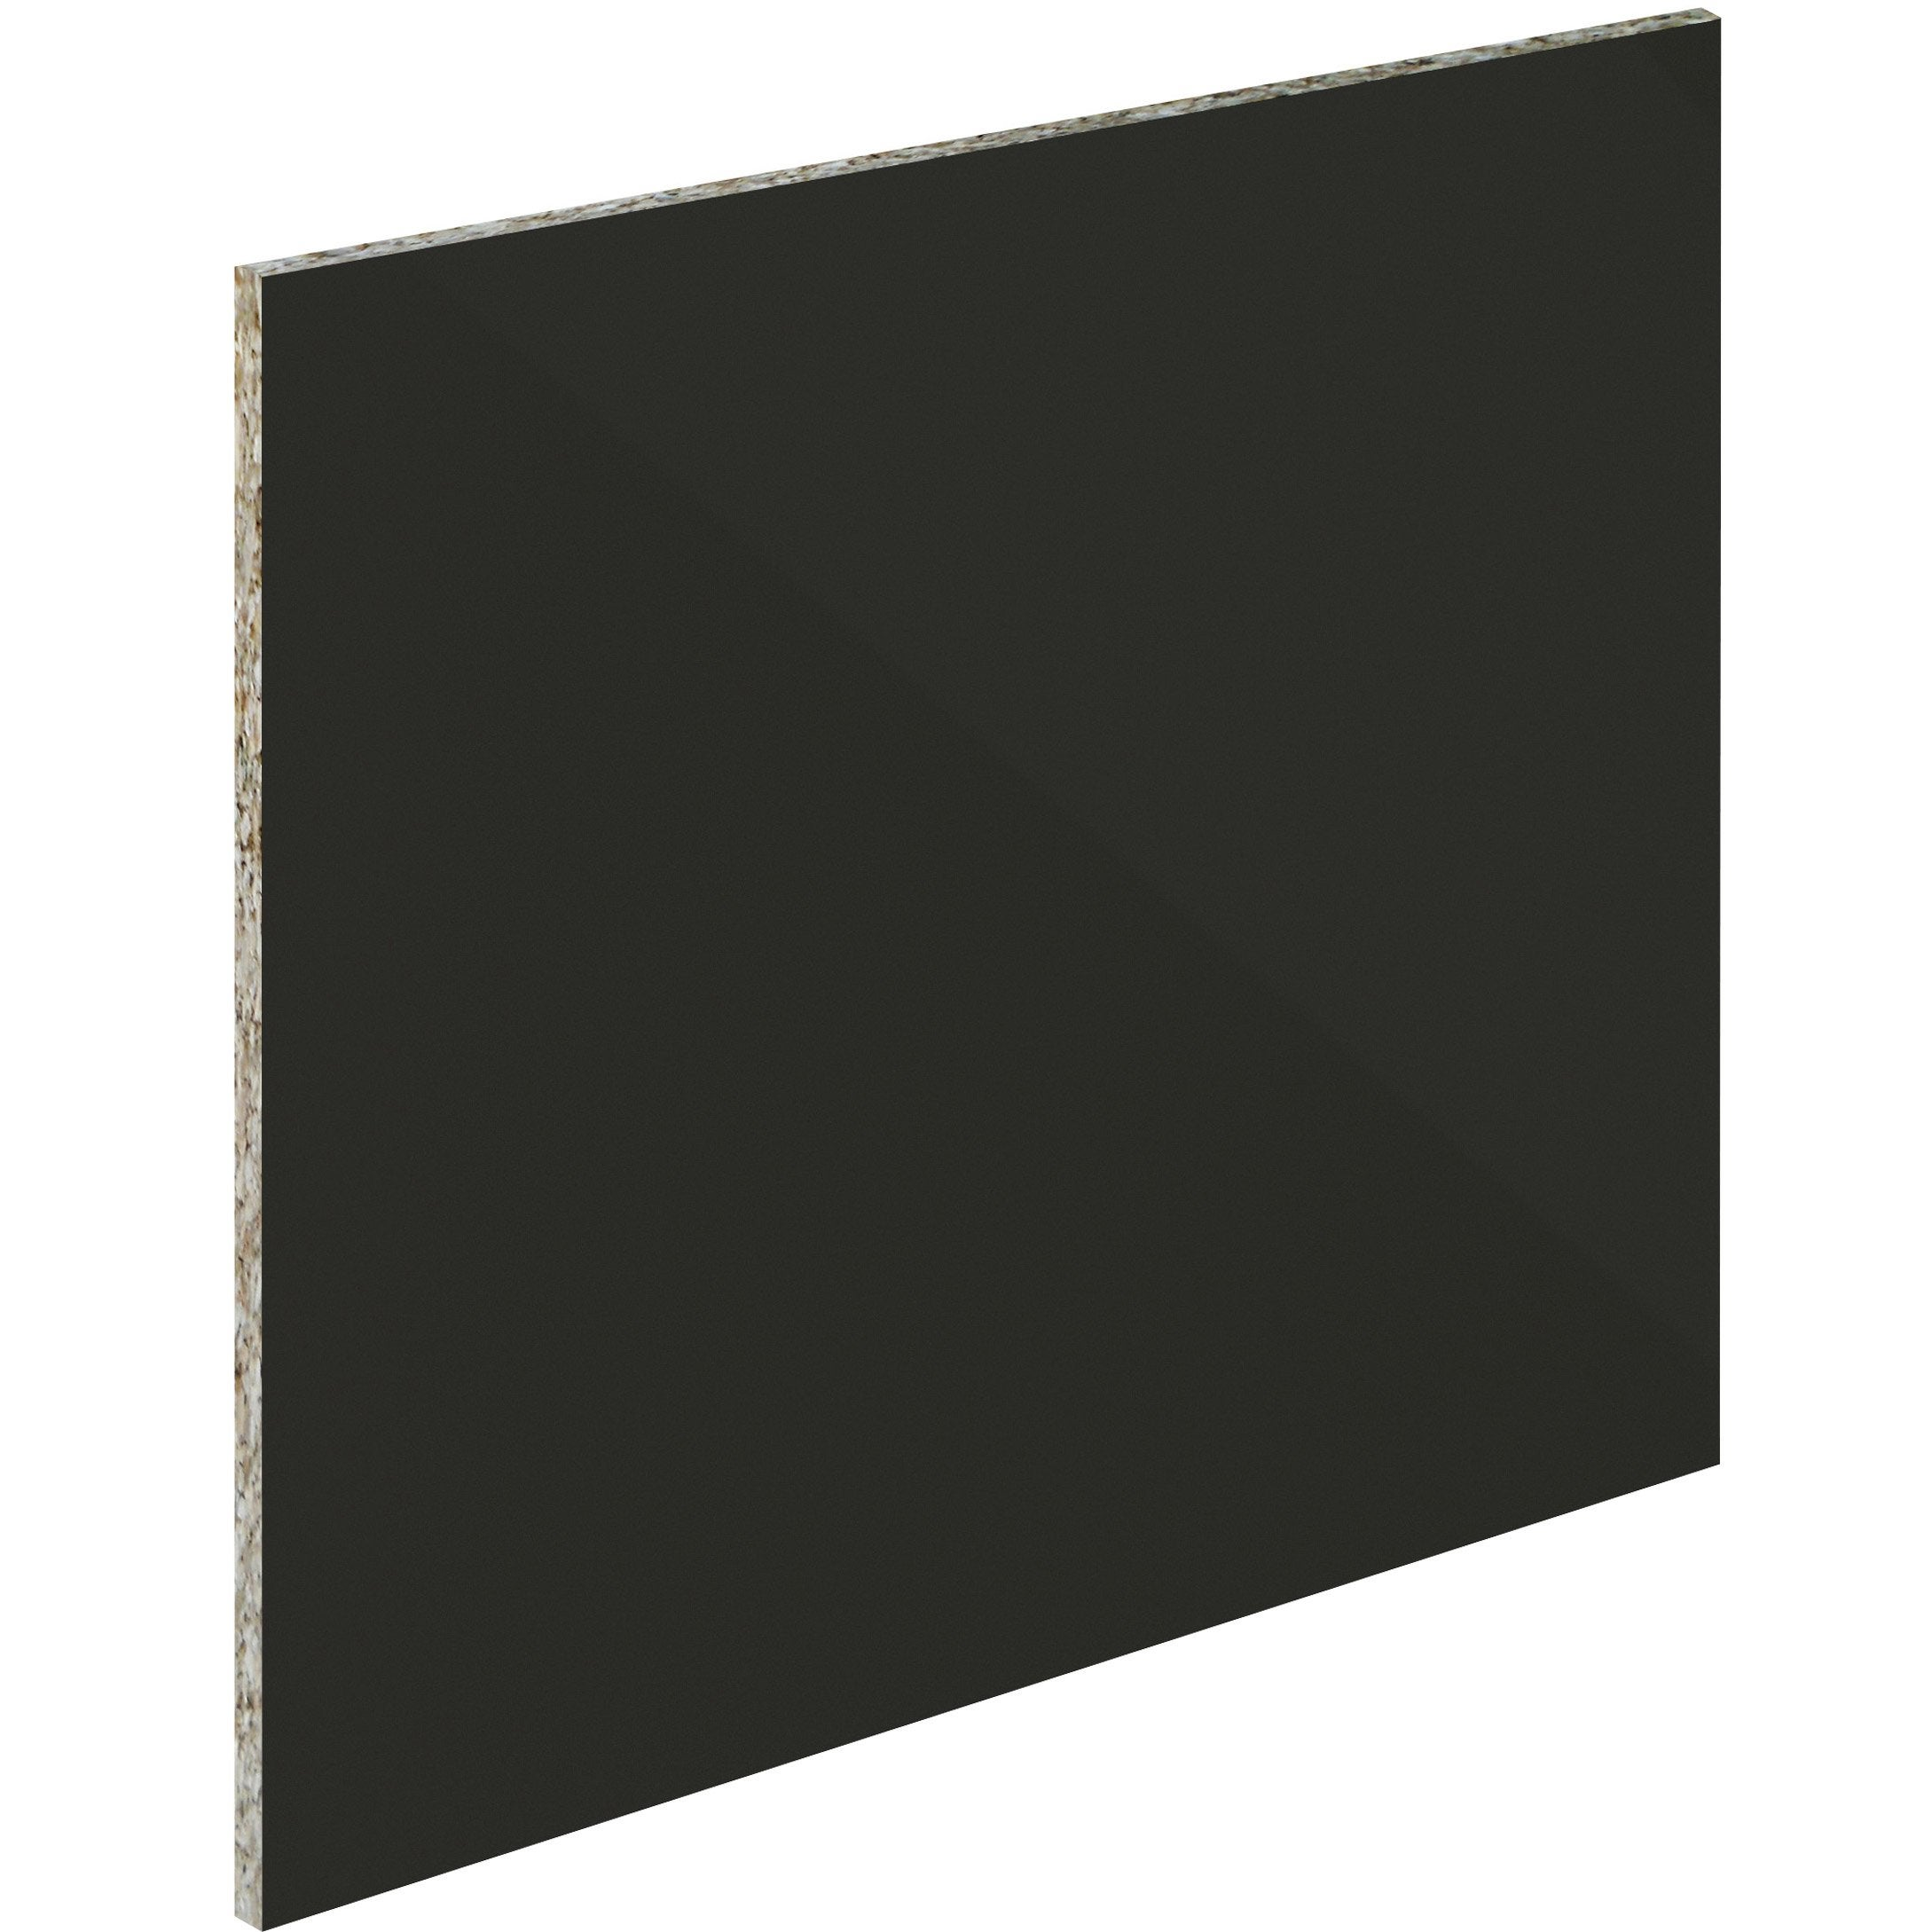 Crédence verre Noir mat délice H.45 cm x L.60 cm